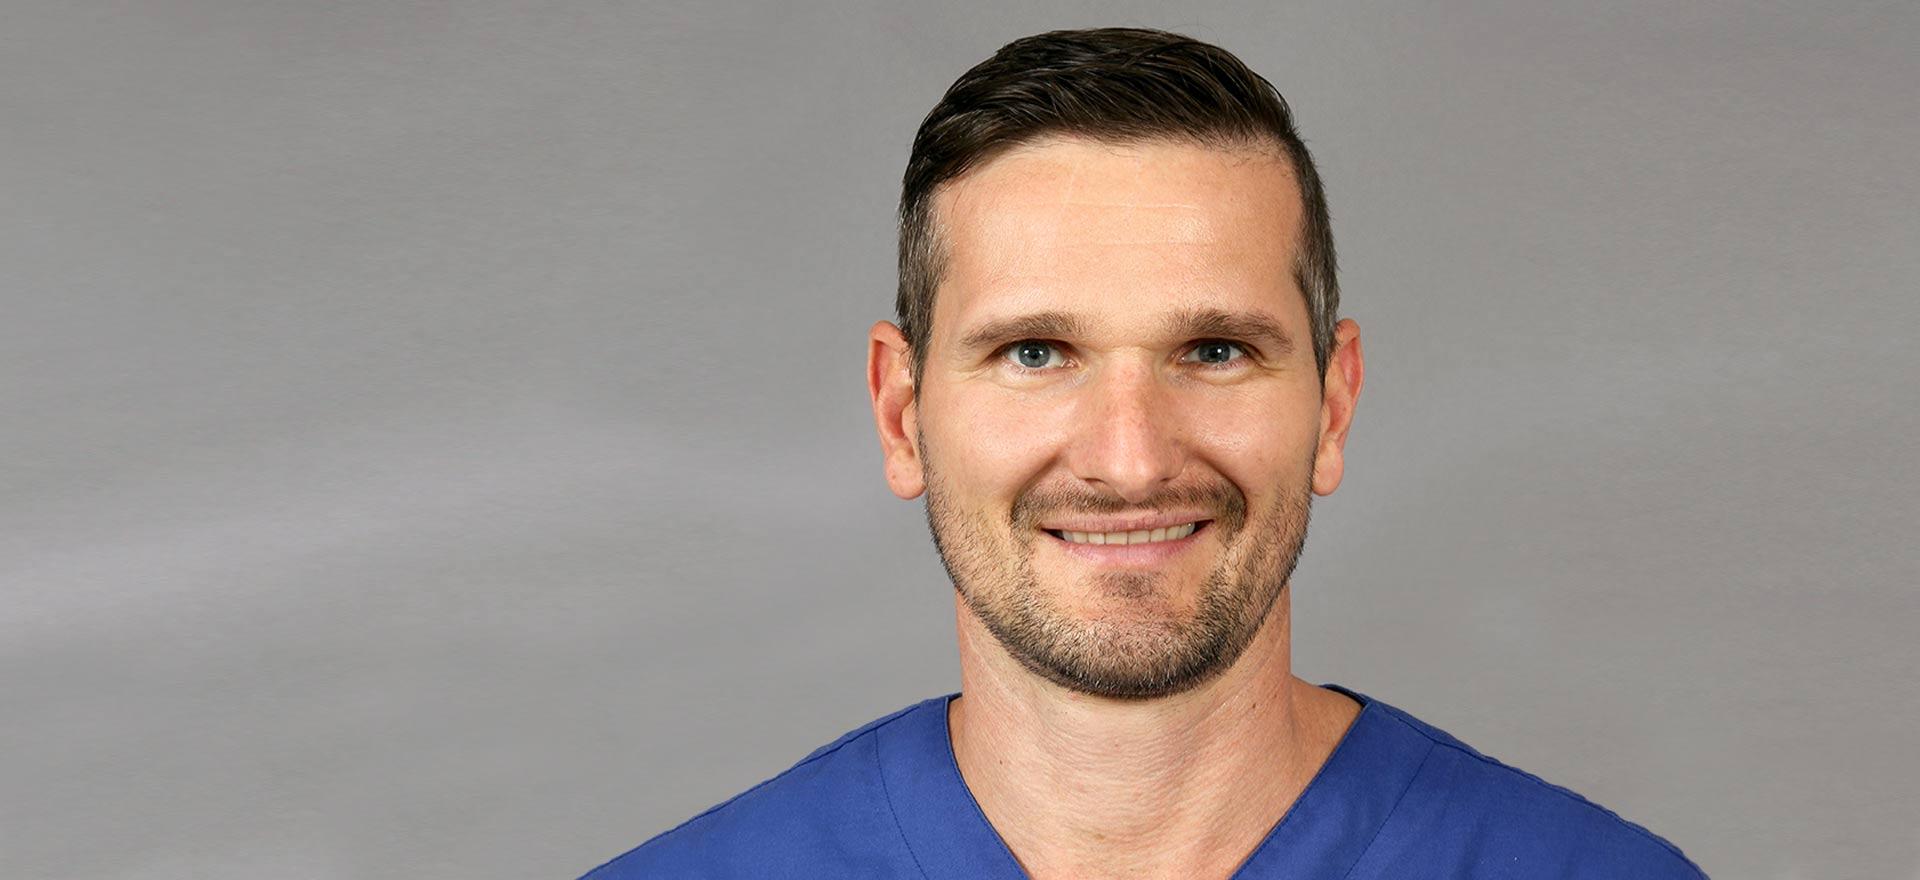 Zahnarzt Tobias Dieke aus Berlin lächelt freundlich in die Kamera.